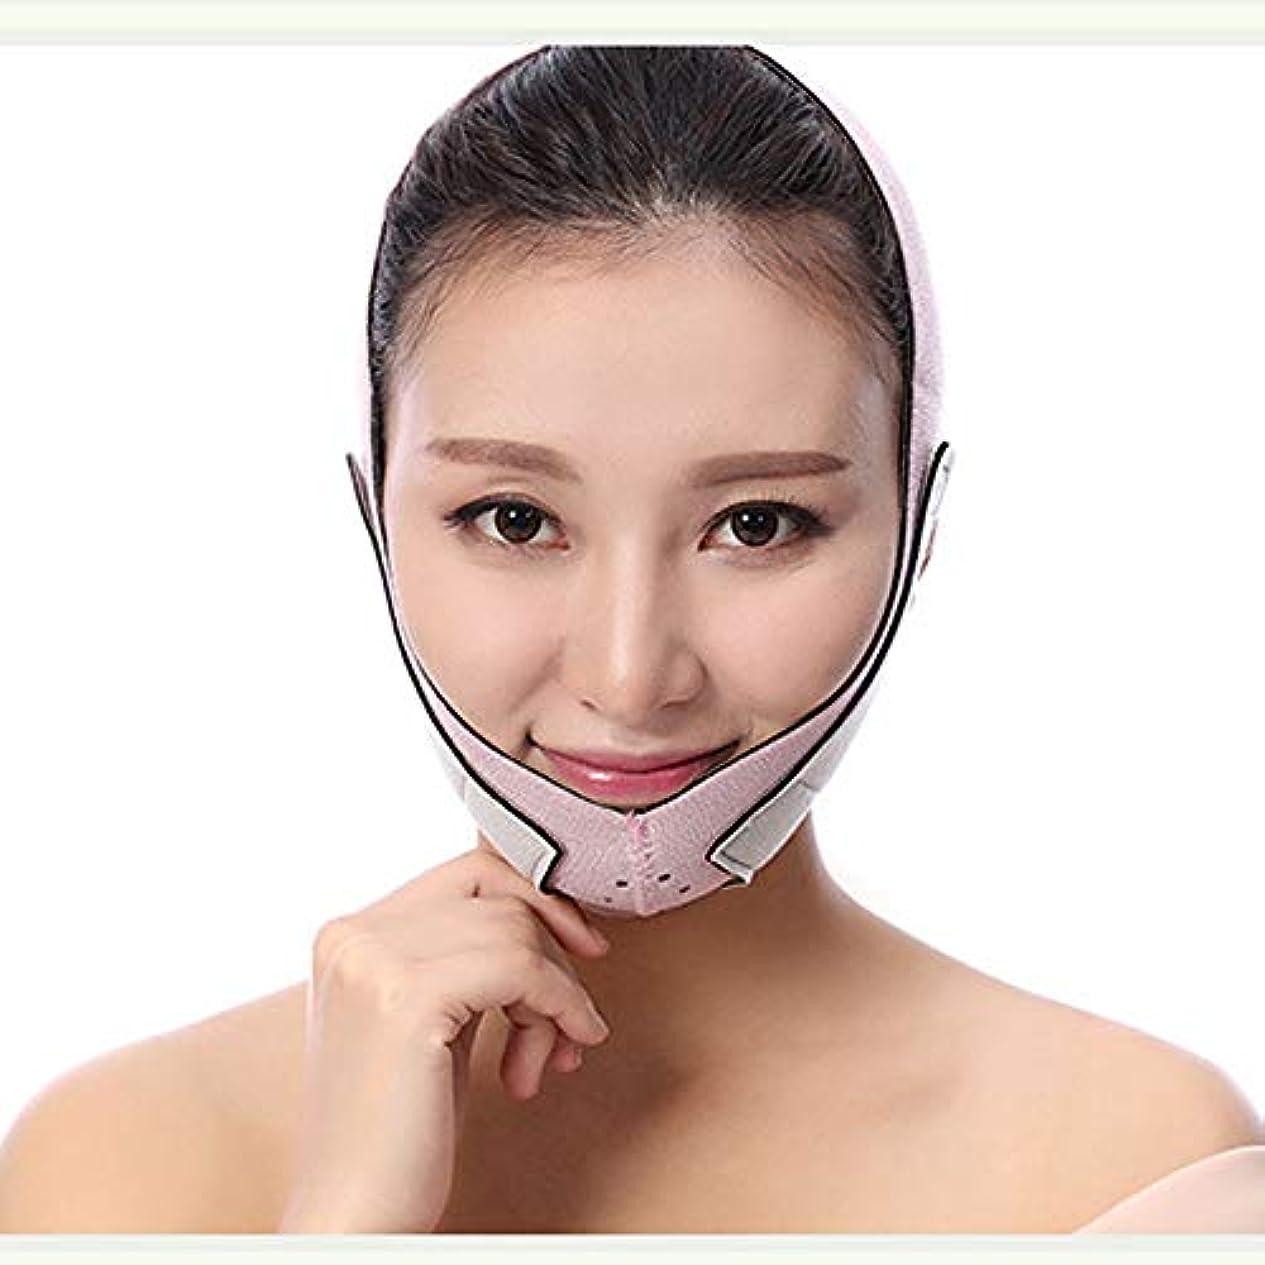 タックペストリーストローユニセックス薄型フェイス包帯、美容リフト引き締めサイズVフェイスダブルあご睡眠マスク(ピンク)